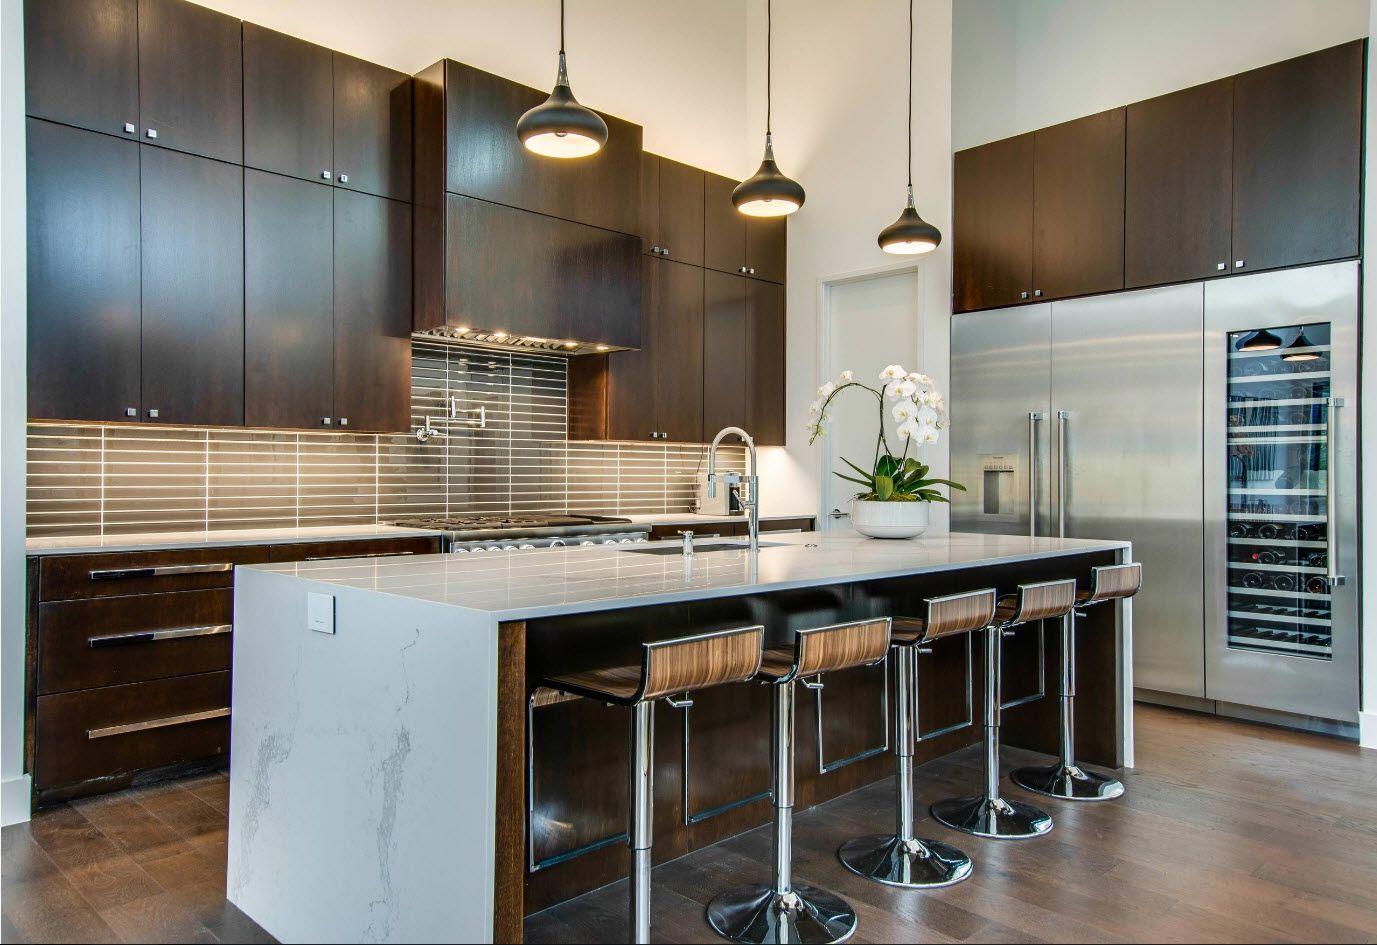 100+ Photo Design Ideas of Modern, Comfortable IKEA ... on Model Kitchen Ideas  id=36416